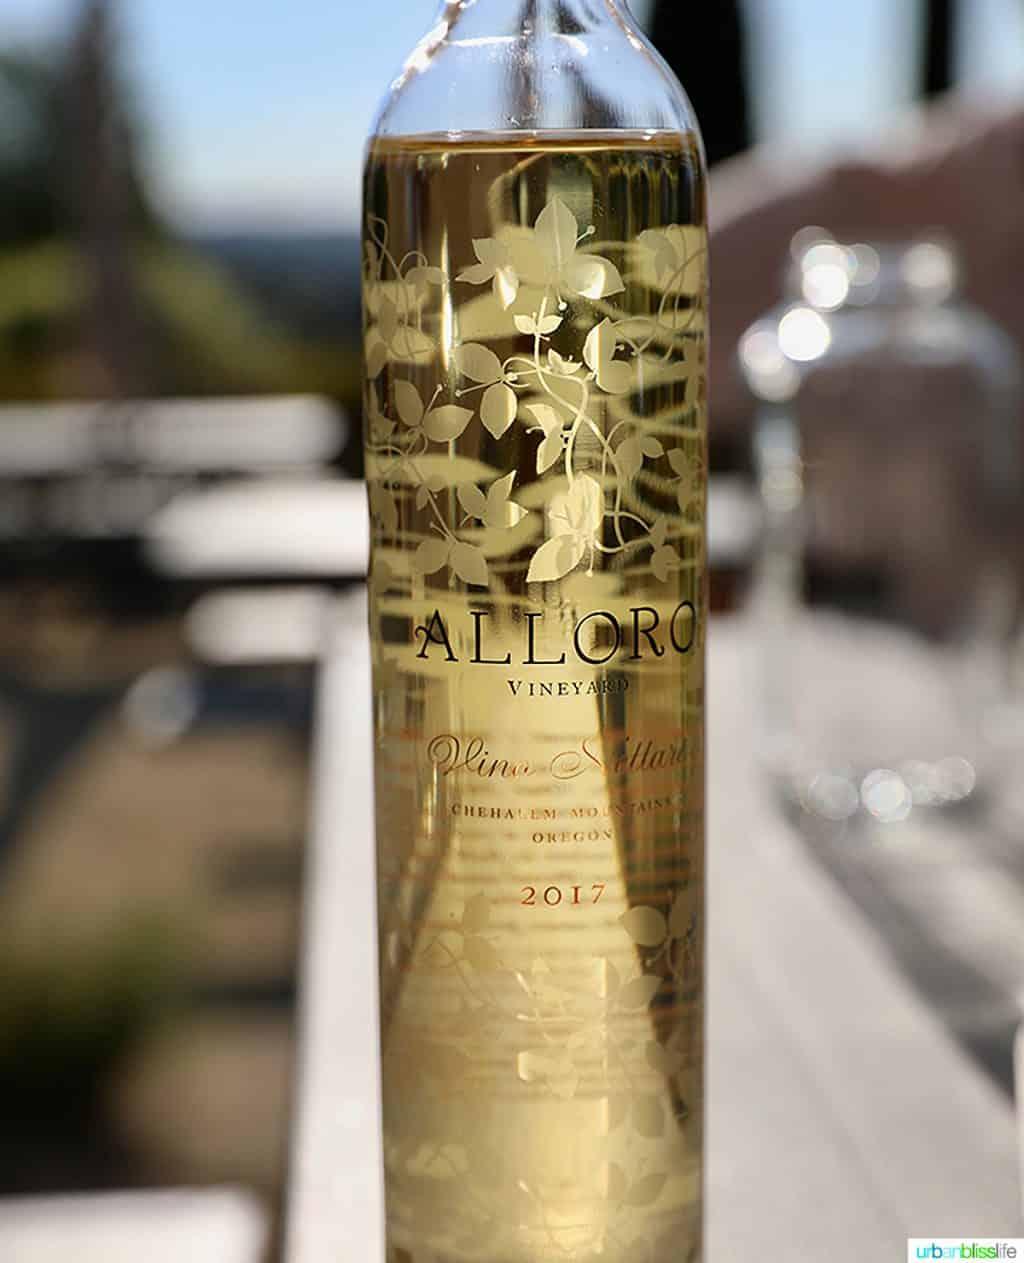 Alloro Vineyard ice wine